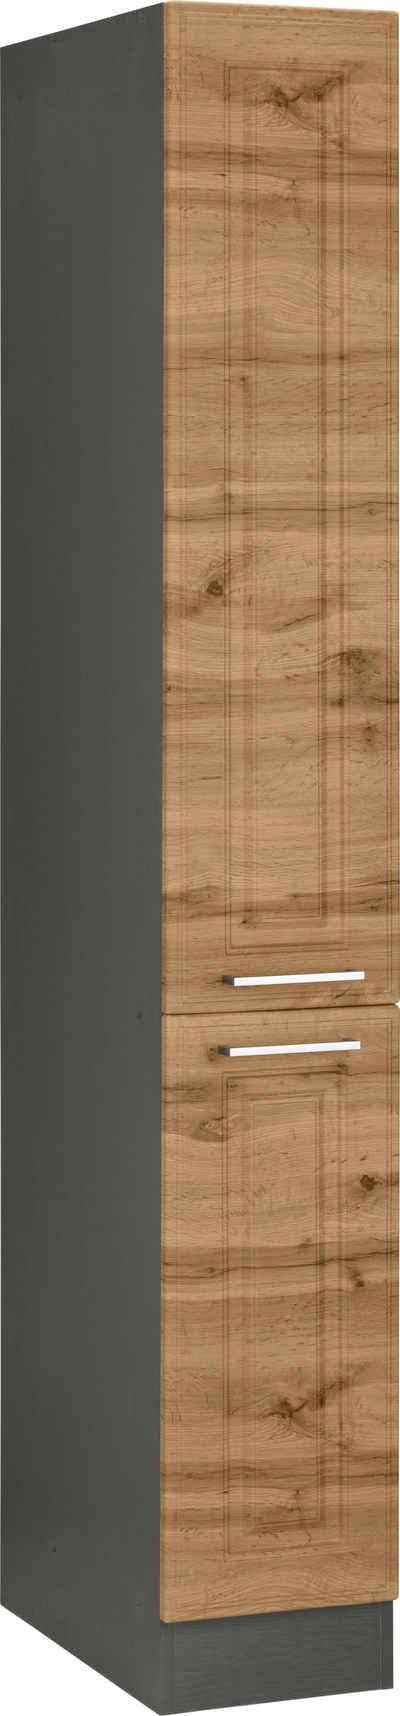 HELD MÖBEL Apothekerschrank »Stockholm, Breite 30 cm« hochwertige MDF-Fronten, 200 cm hoch, viel Stauraum